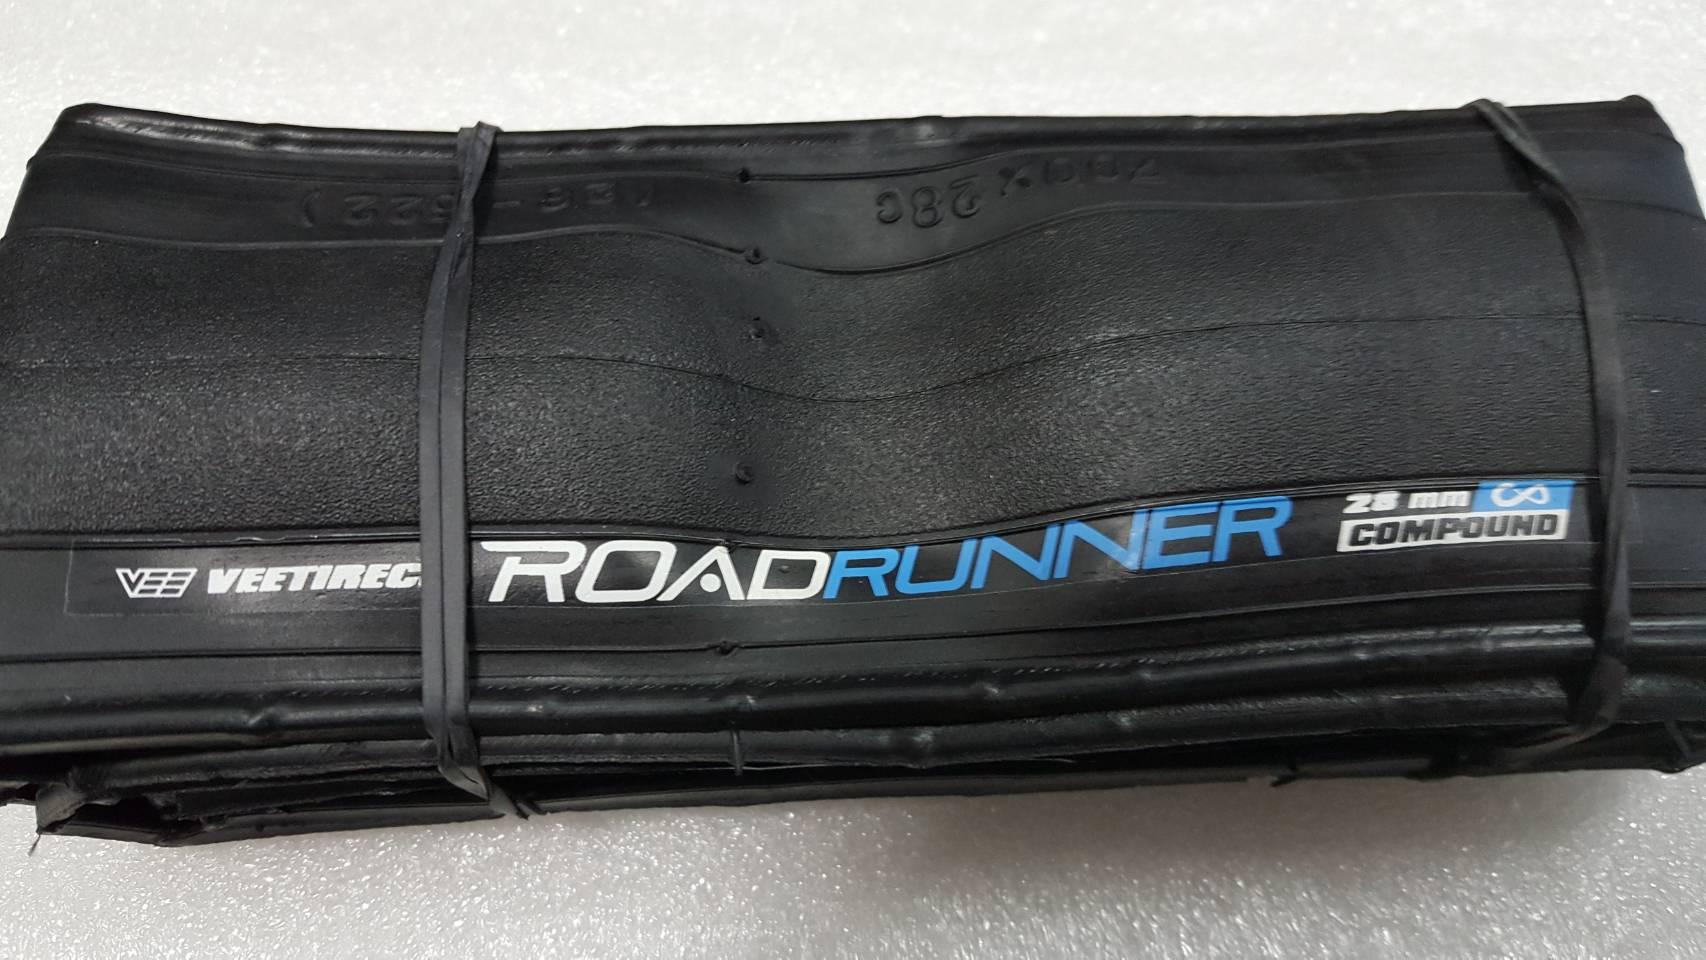 ยางนอกเสือหมอบ Vee Tireco รุ่น Road Runner 700x28 พุ่ง เกาะถนนมั่นใจ ทนทาน มีกันหนามในเนื้อยาง เส้นใย 90 TPI